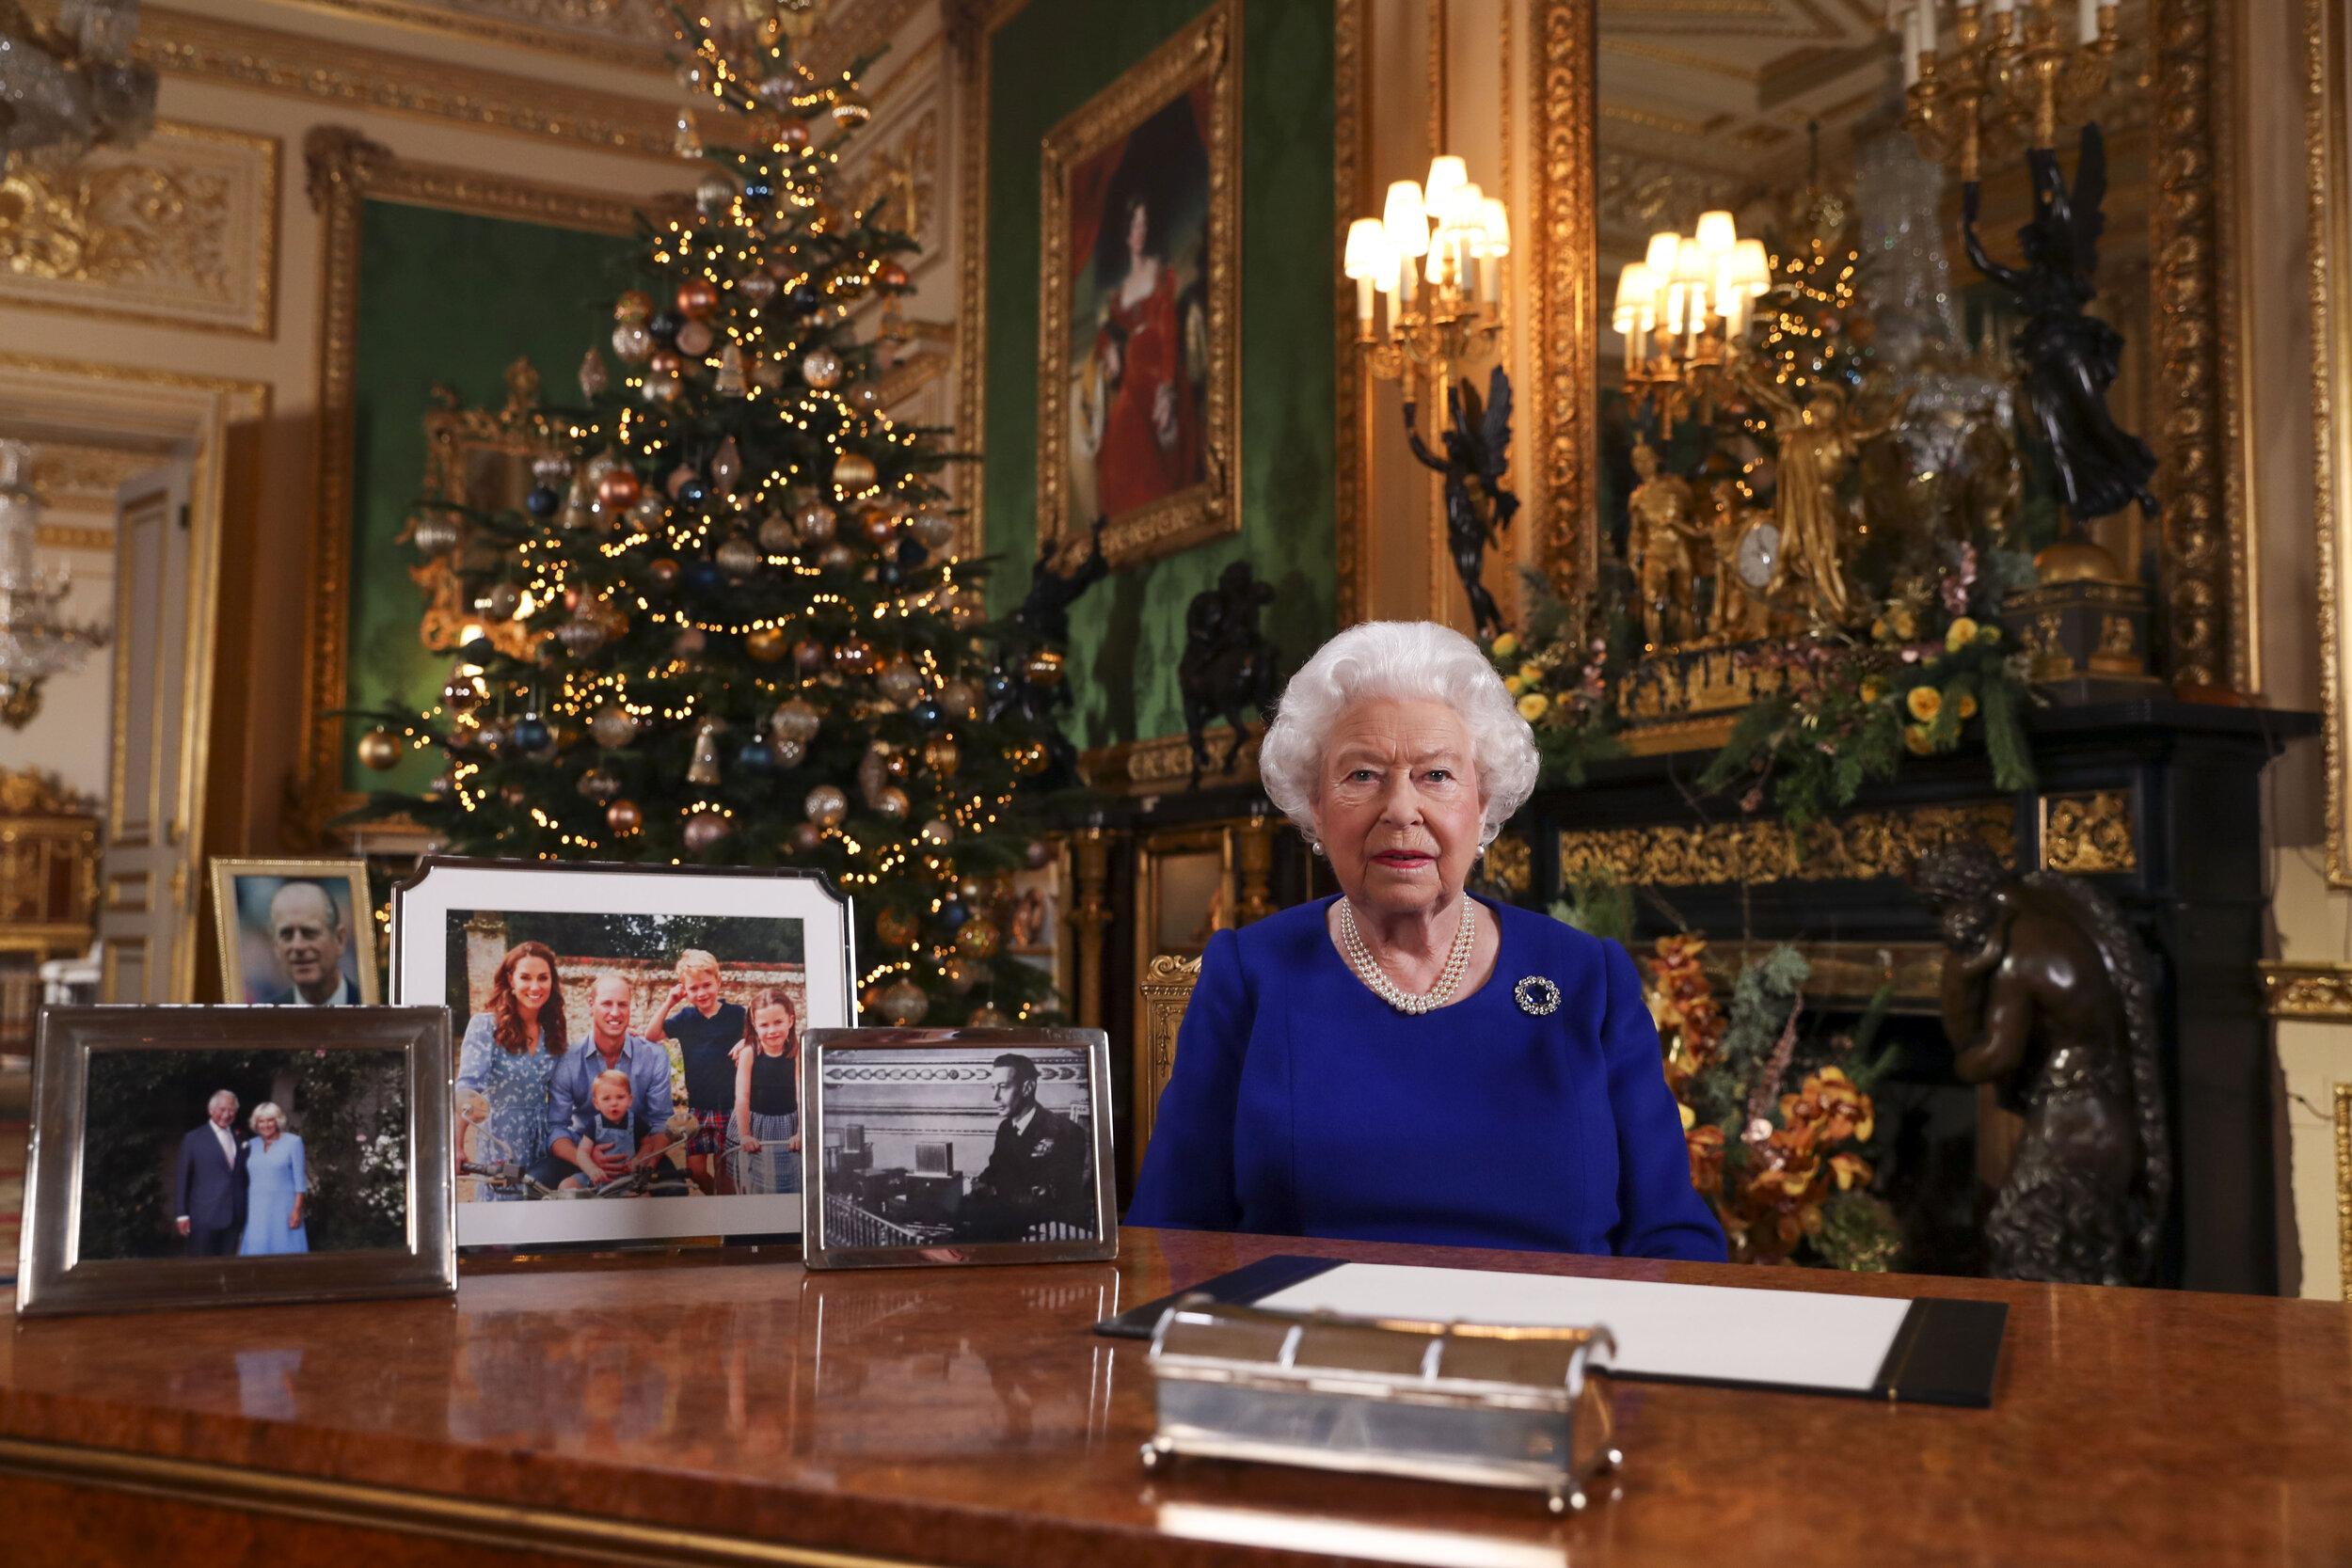 Es heißt, die Queen schätzt die Familienmitglieder besonders, deren Foto sie auf ihren Schreibtisch platziert. Ob das wirklich stimmt? Ein Foto von Prinzessin Anne sieht man nur selten auf dem Schreibtisch der Königin. Dennoch stehen sich Mutter und Tochter sehr nahe.  © picture alliance / empics